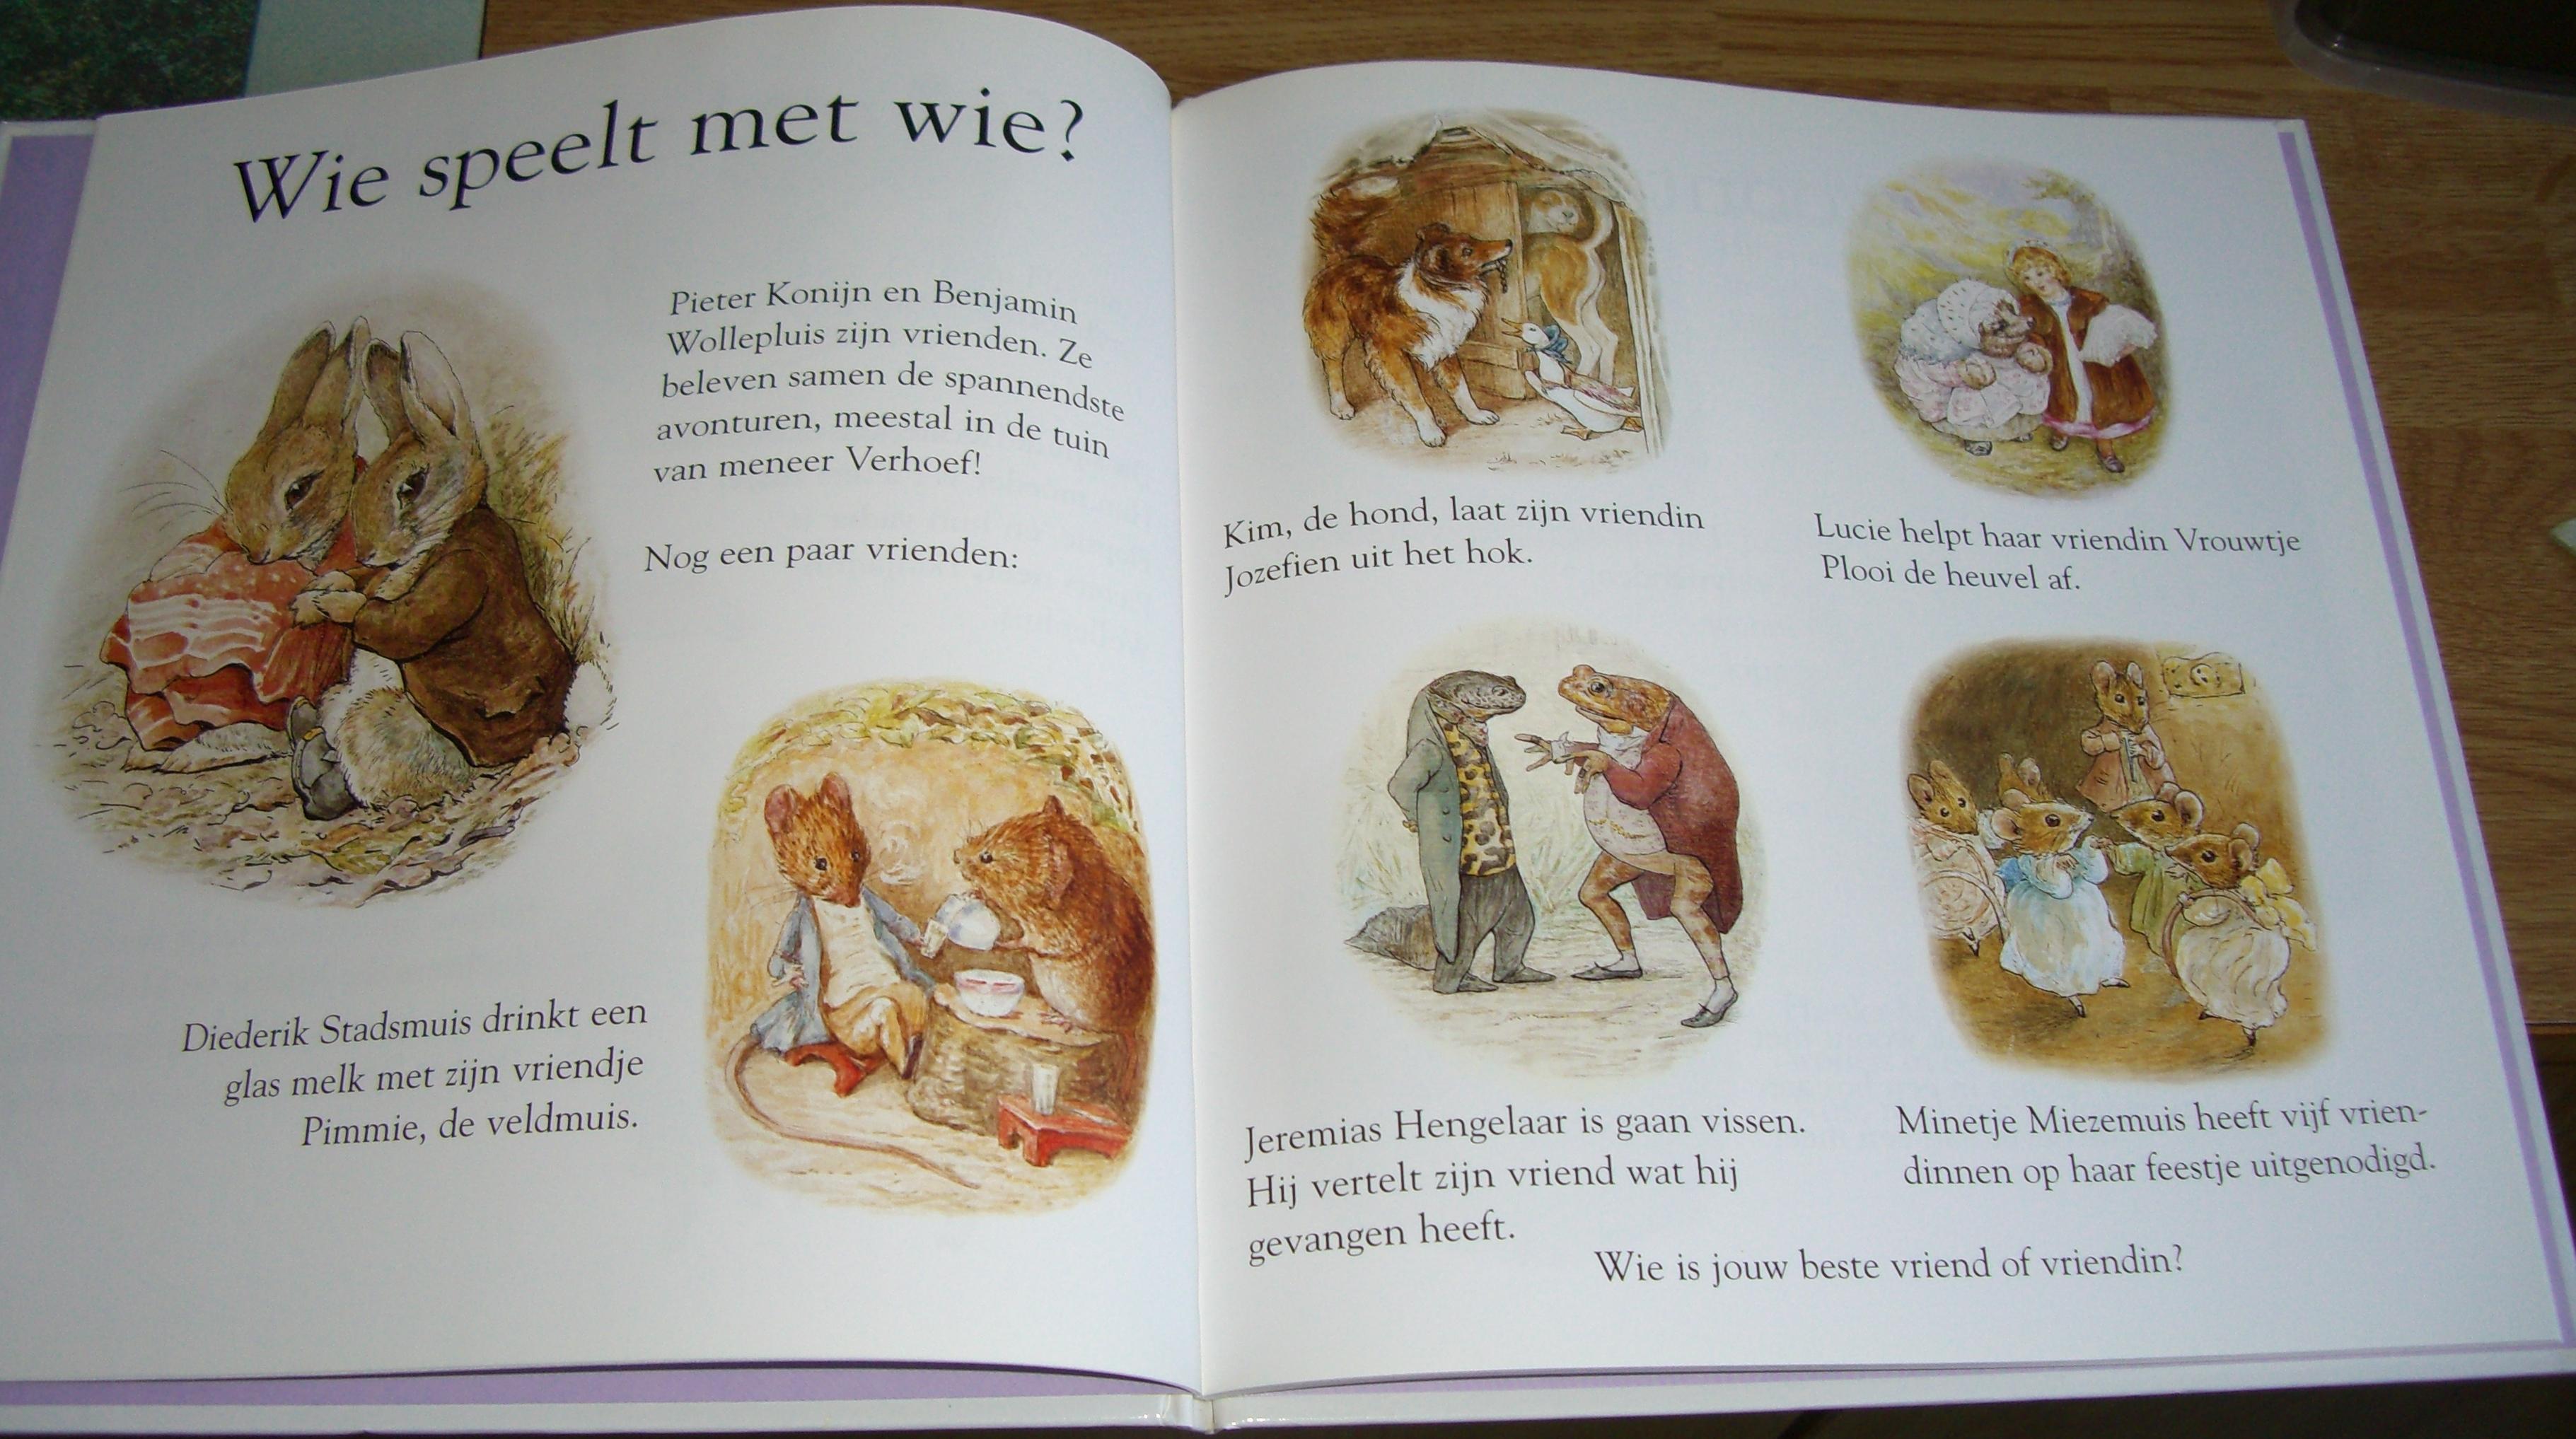 Beatrix Potter Mijn Eerste Boek Over Pieter Konijn Boekenwurm